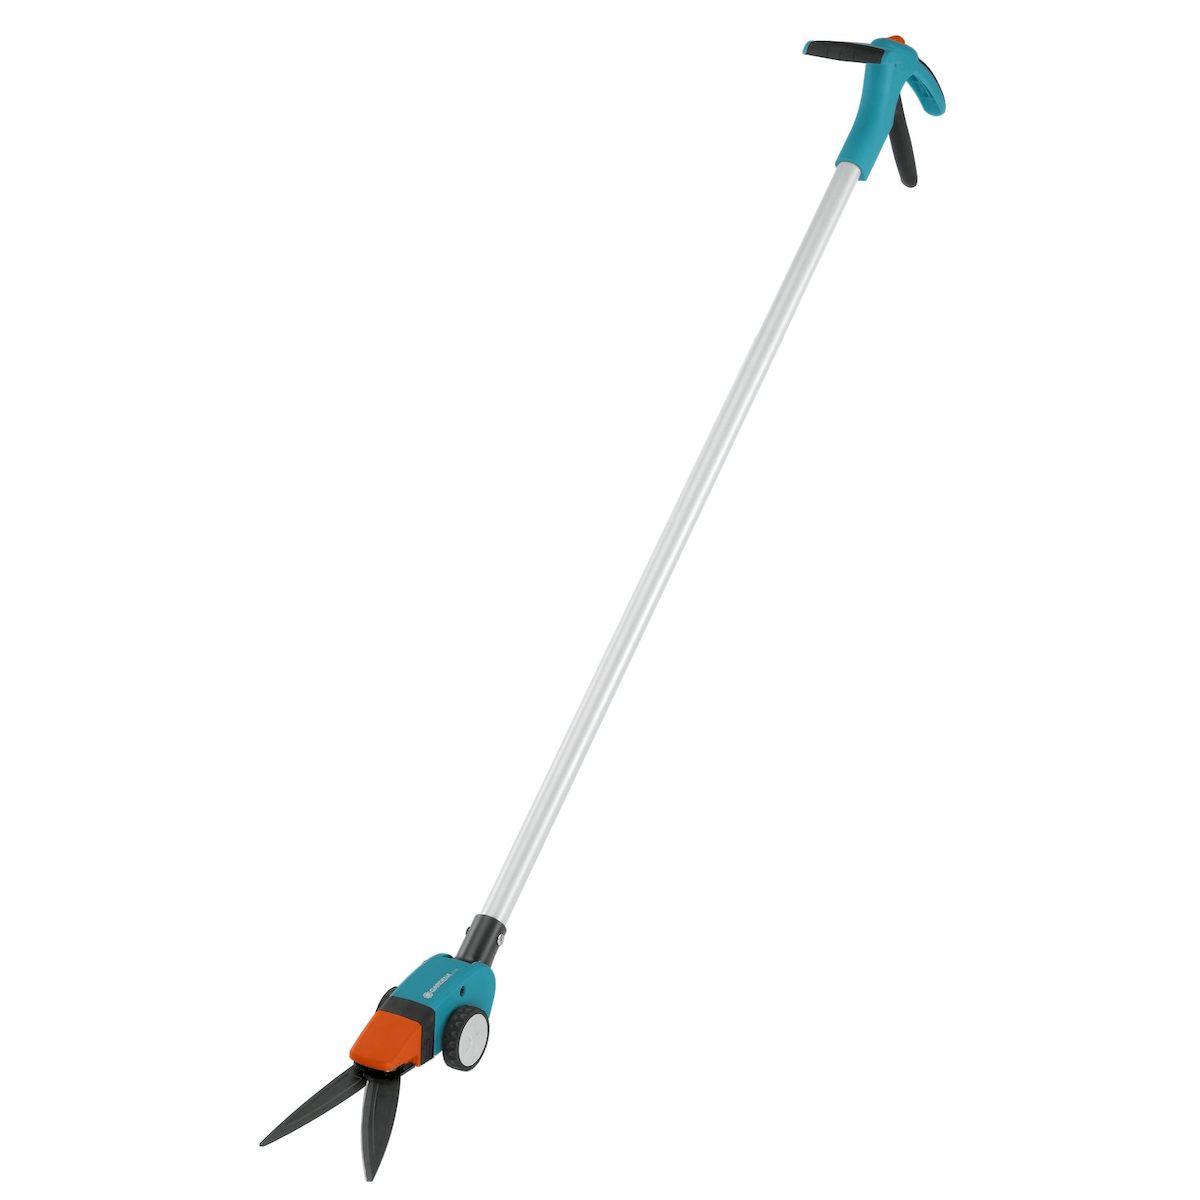 Ножницы для травы Gardena Comfort, поворотные391602Поворотные ножницы для травы Gardena Comfort с длинной рукояткой позволяют легко и точно подстригать кромки газонов из положения стоя, без нагрузки на позвоночник. Для облегчения управления и удобства ведения ножницы снабжены большими колесами. Угол наклона рукоятки регулируется, так что ее можно настроить в соответствии с ростом пользователя, обеспечив максимальную эргономичность. Удобная форма рукоятки гарантирует комфортную работу без необходимости наклоняться. Равномерность и точность стрижки достигается благодаря волнообразным лезвиям ножниц с покрытием от налипания. Лезвия поворачиваются в обе стороны до 90°, что обеспечивает свободный доступ в любую точку и маневренность. Специальная ножевая опора позволяет получить ровный и чистый срез по всей длине лезвия. Удобный фиксатор, положение которого меняется одной рукой, дает возможность легко и быстро заблокировать ножницы. Для удобства хранения имеется петля для подвешивания.